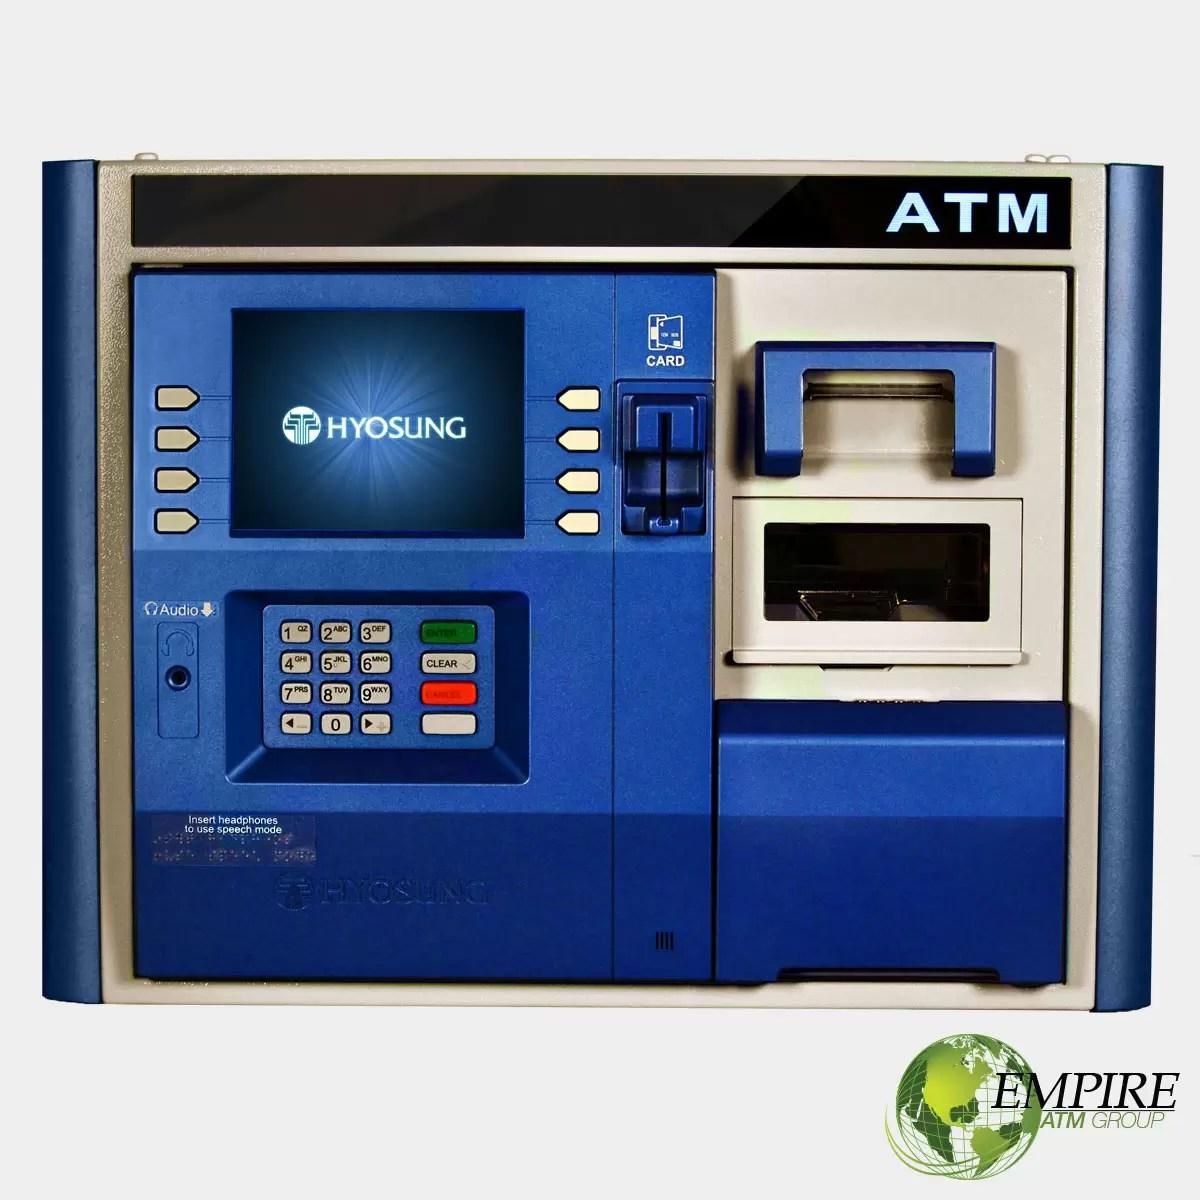 Nautilus Hyosung 4000W ATM Machine